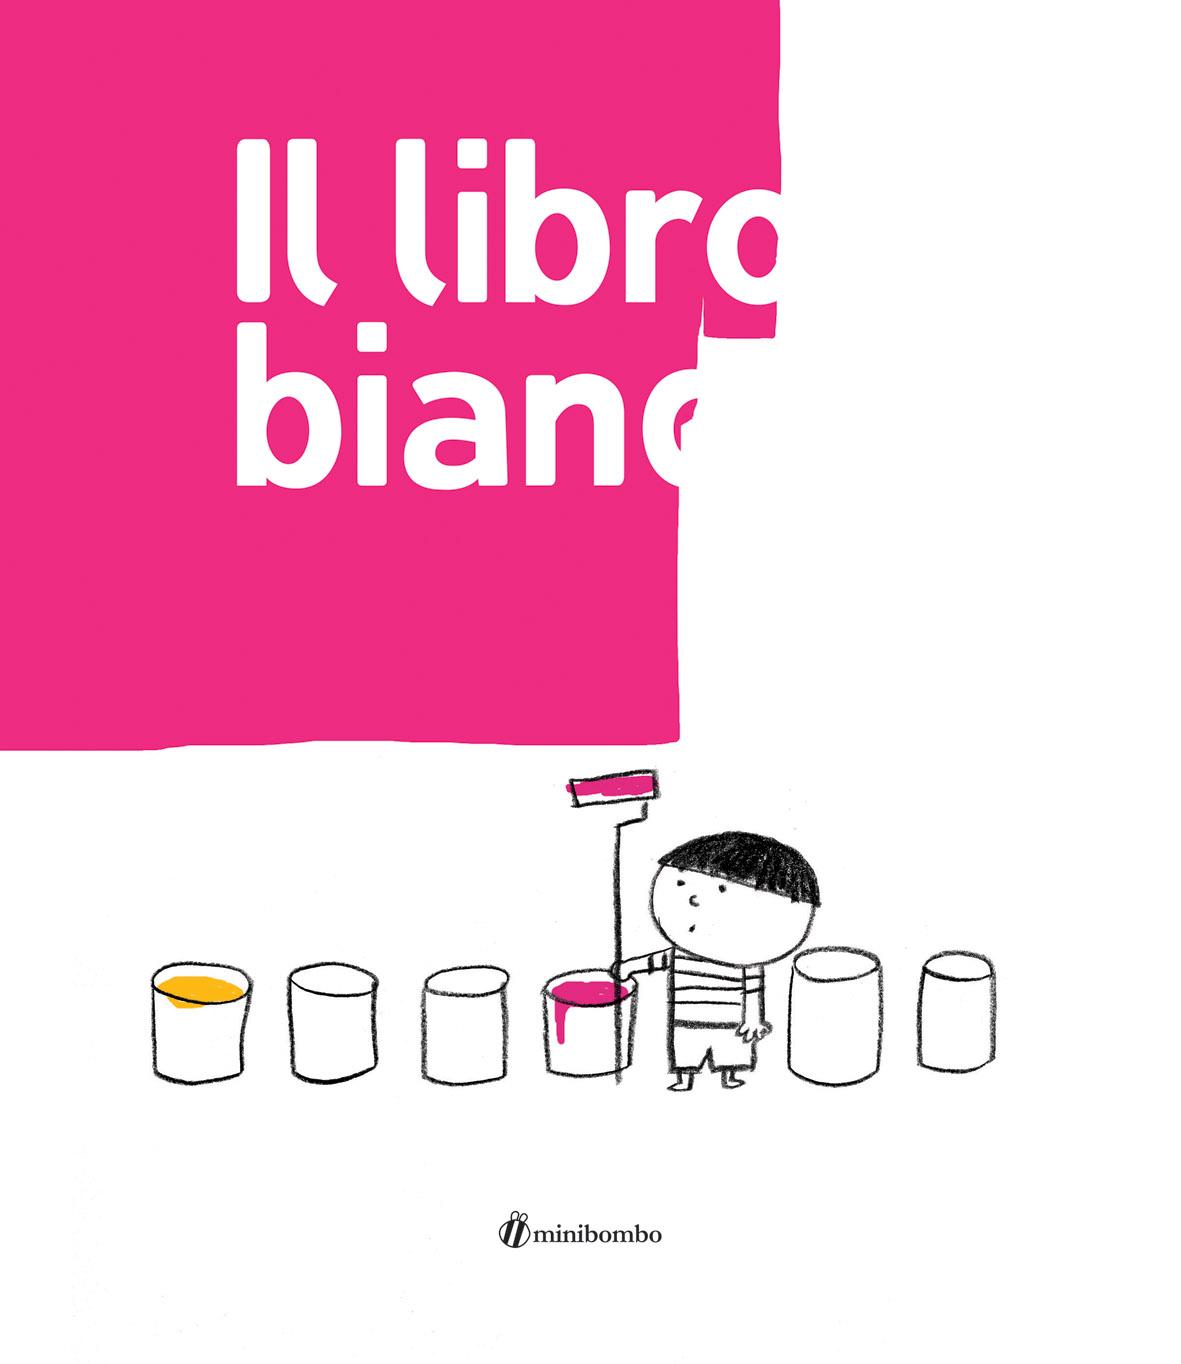 Il libro bianco, Minibombo